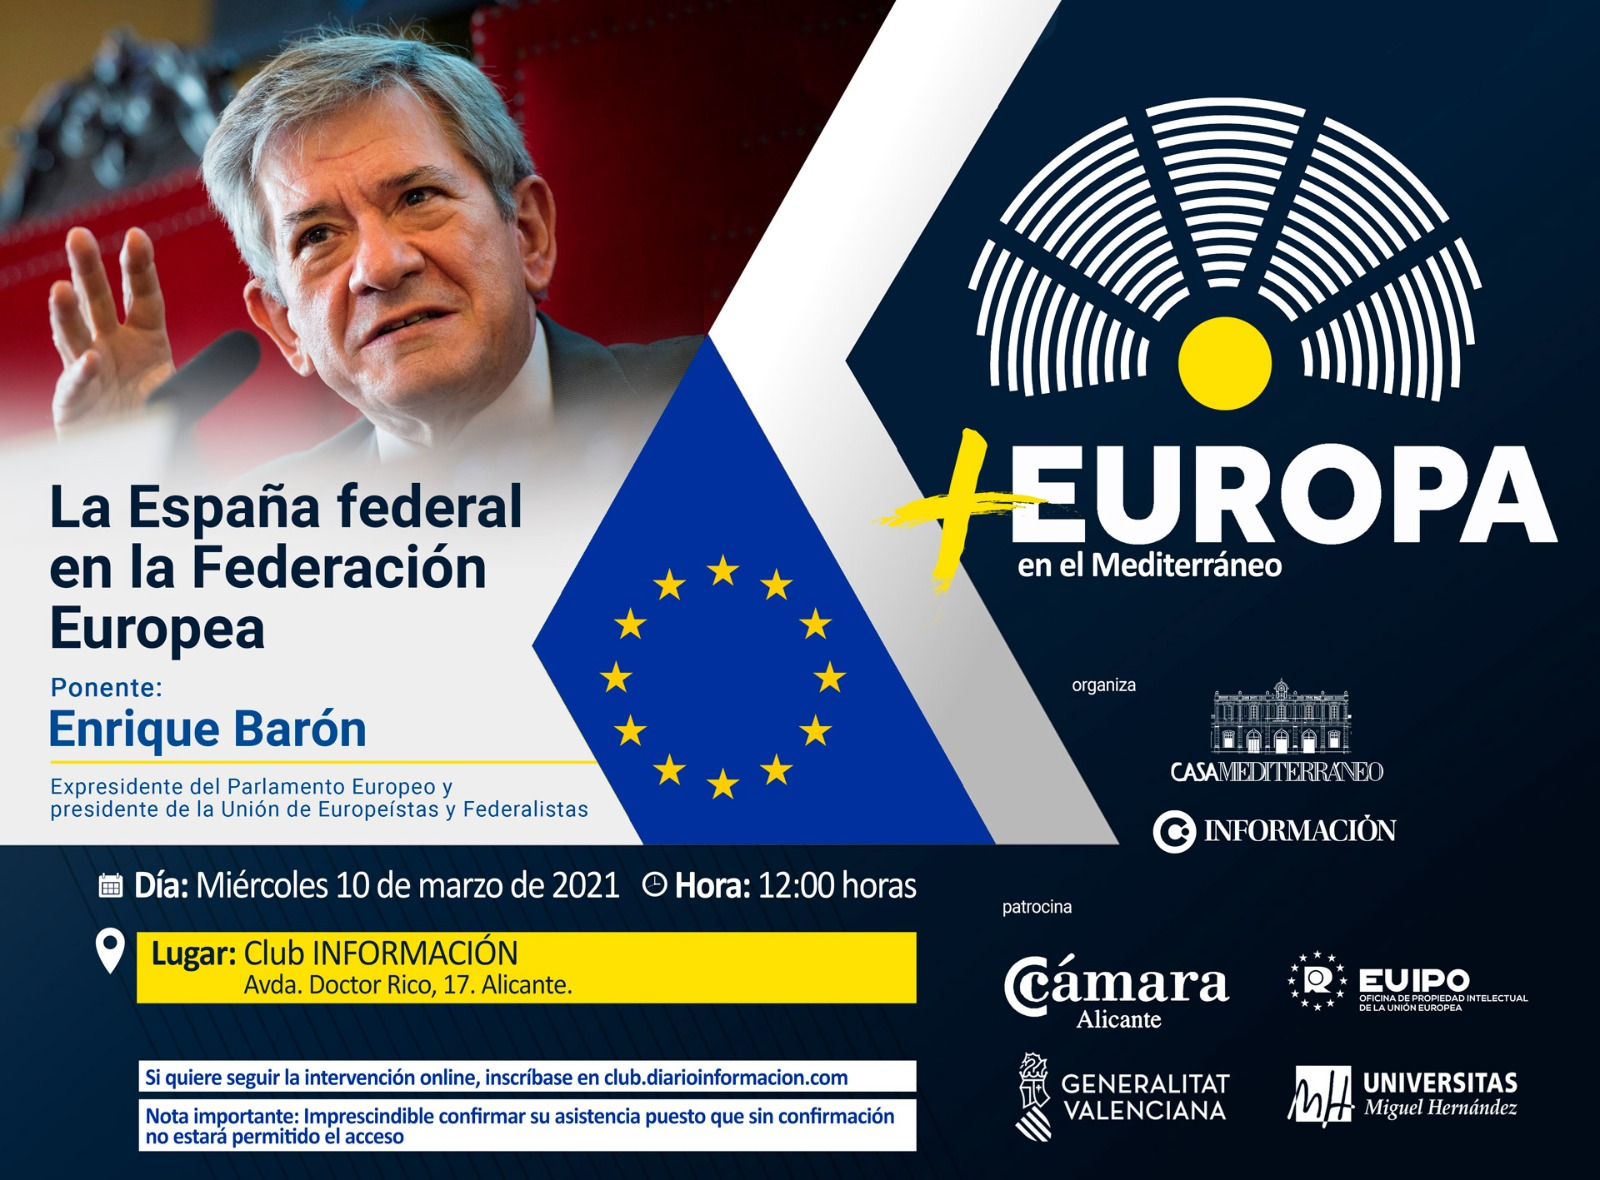 FORO +EUROPA con ENRIQUE BARÓN